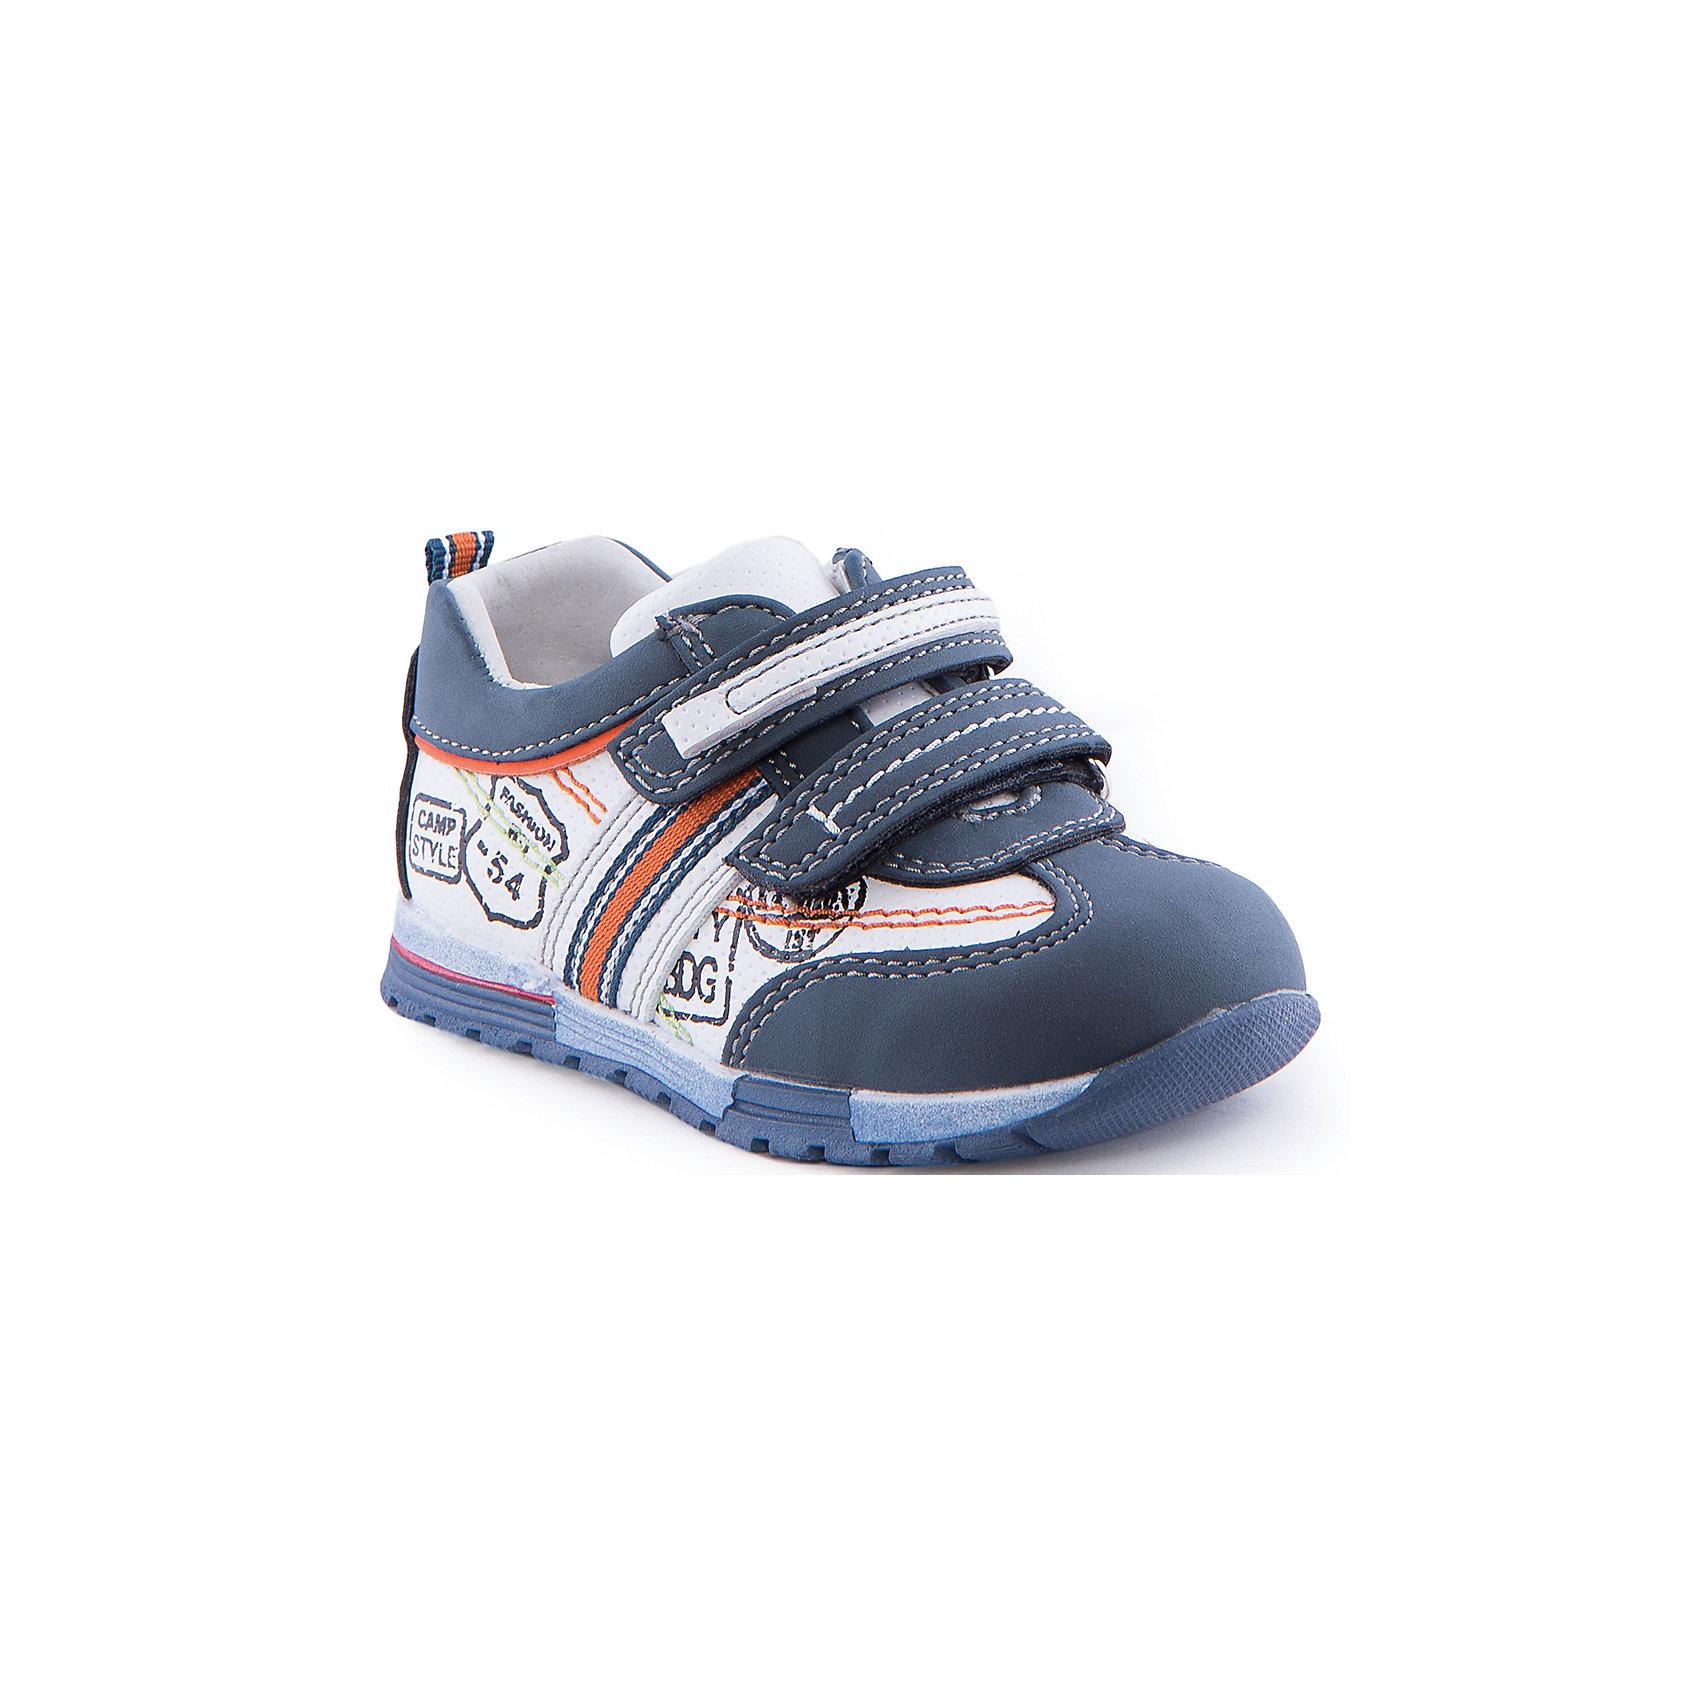 Полуботинки для мальчика Indigo kidsБотинки<br>Полуботинки для мальчика от известного бренда Indigo kids<br><br>Стильные и удобные кроссовки - прекрасный вариант обуви для теплого сезона. Они красивые и модные, но в то же время очень удобные. Кроссовки легко надеваются благодаря липучкам и комфортно садятся по ноге. <br><br>Особенности модели:<br><br>- цвет - белый, синий;<br>- стильный дизайн;<br>- удобная колодка;<br>- натуральная кожаная подкладка;<br>- декорированы принтом;<br>- качественная контрастная прошивка;<br>- декорированы яркими элементами;<br>- устойчивая подошва;<br>- застежки: липучки.<br><br>Дополнительная информация:<br><br>Состав:<br><br>верх – искусственная кожа;<br>подкладка - натуральная кожа;<br>подошва - ТЭП.<br><br>Полуботинки для мальчика Indigo kids (Индиго Кидс) можно купить в нашем магазине.<br><br>Ширина мм: 262<br>Глубина мм: 176<br>Высота мм: 97<br>Вес г: 427<br>Цвет: синий<br>Возраст от месяцев: 12<br>Возраст до месяцев: 15<br>Пол: Мужской<br>Возраст: Детский<br>Размер: 21,26,25,24,23,22<br>SKU: 4519950